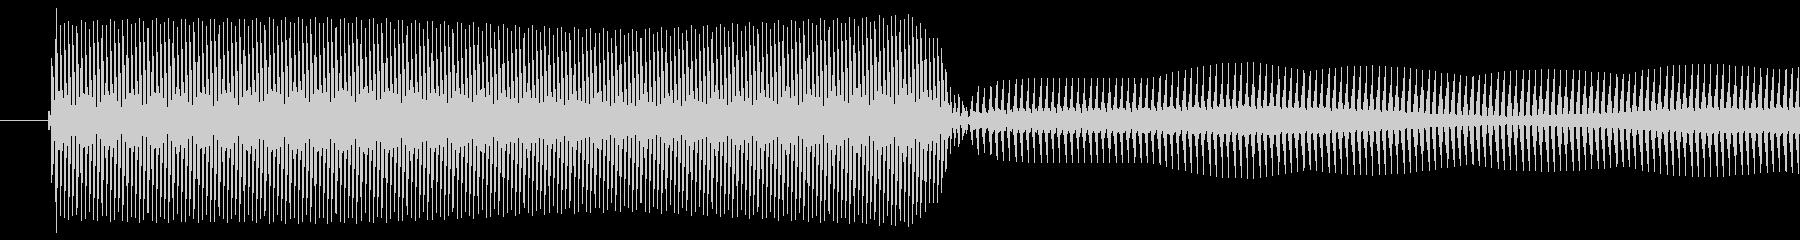 パソコン/決定音/ピポッの未再生の波形